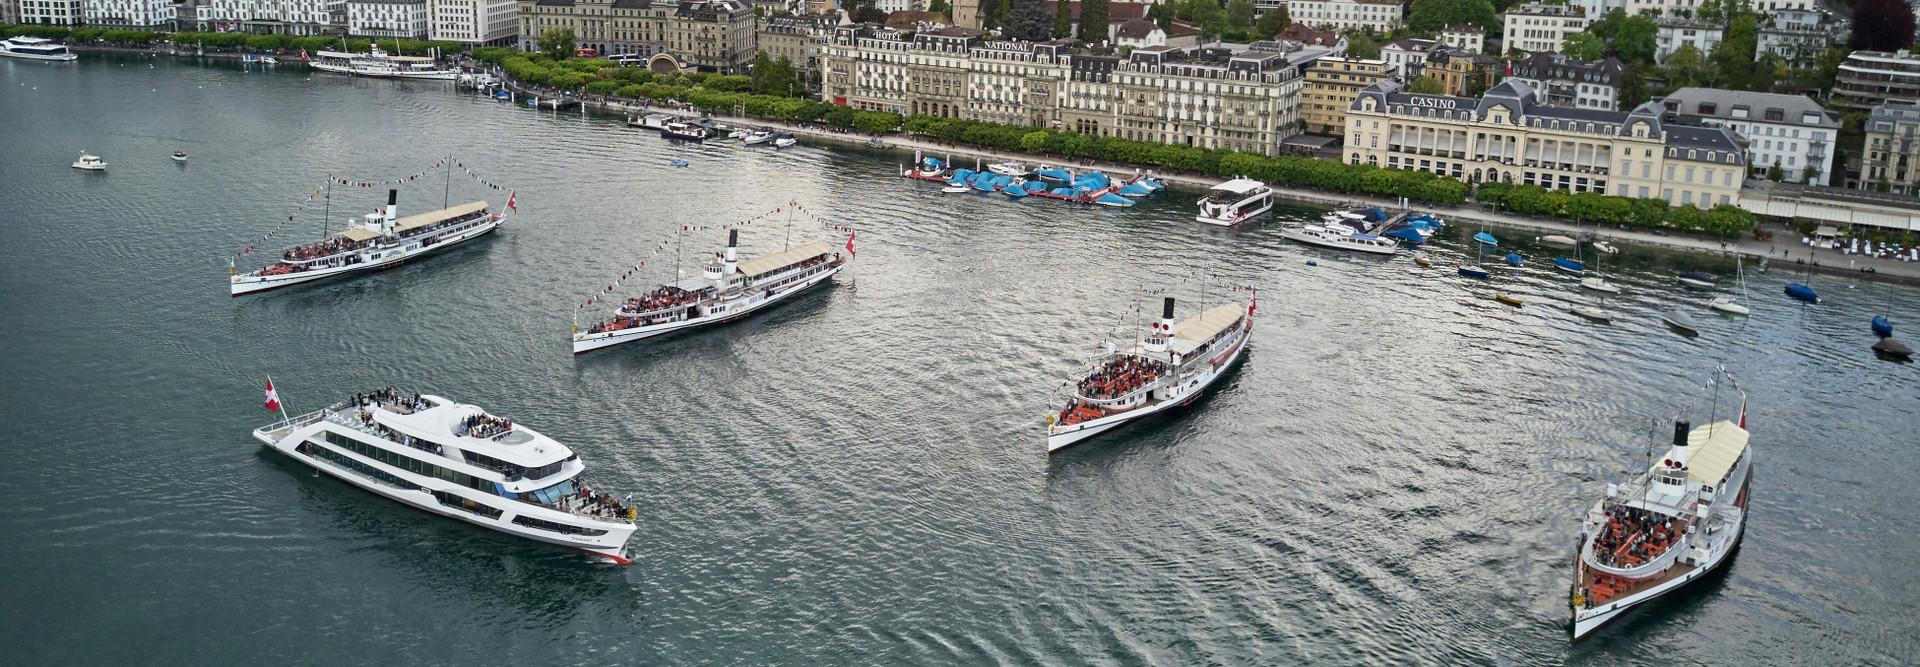 Ein Teil der Flotte der Schifffahrtsgesellschaft des Vierwaldstättersees (SGV) AG.